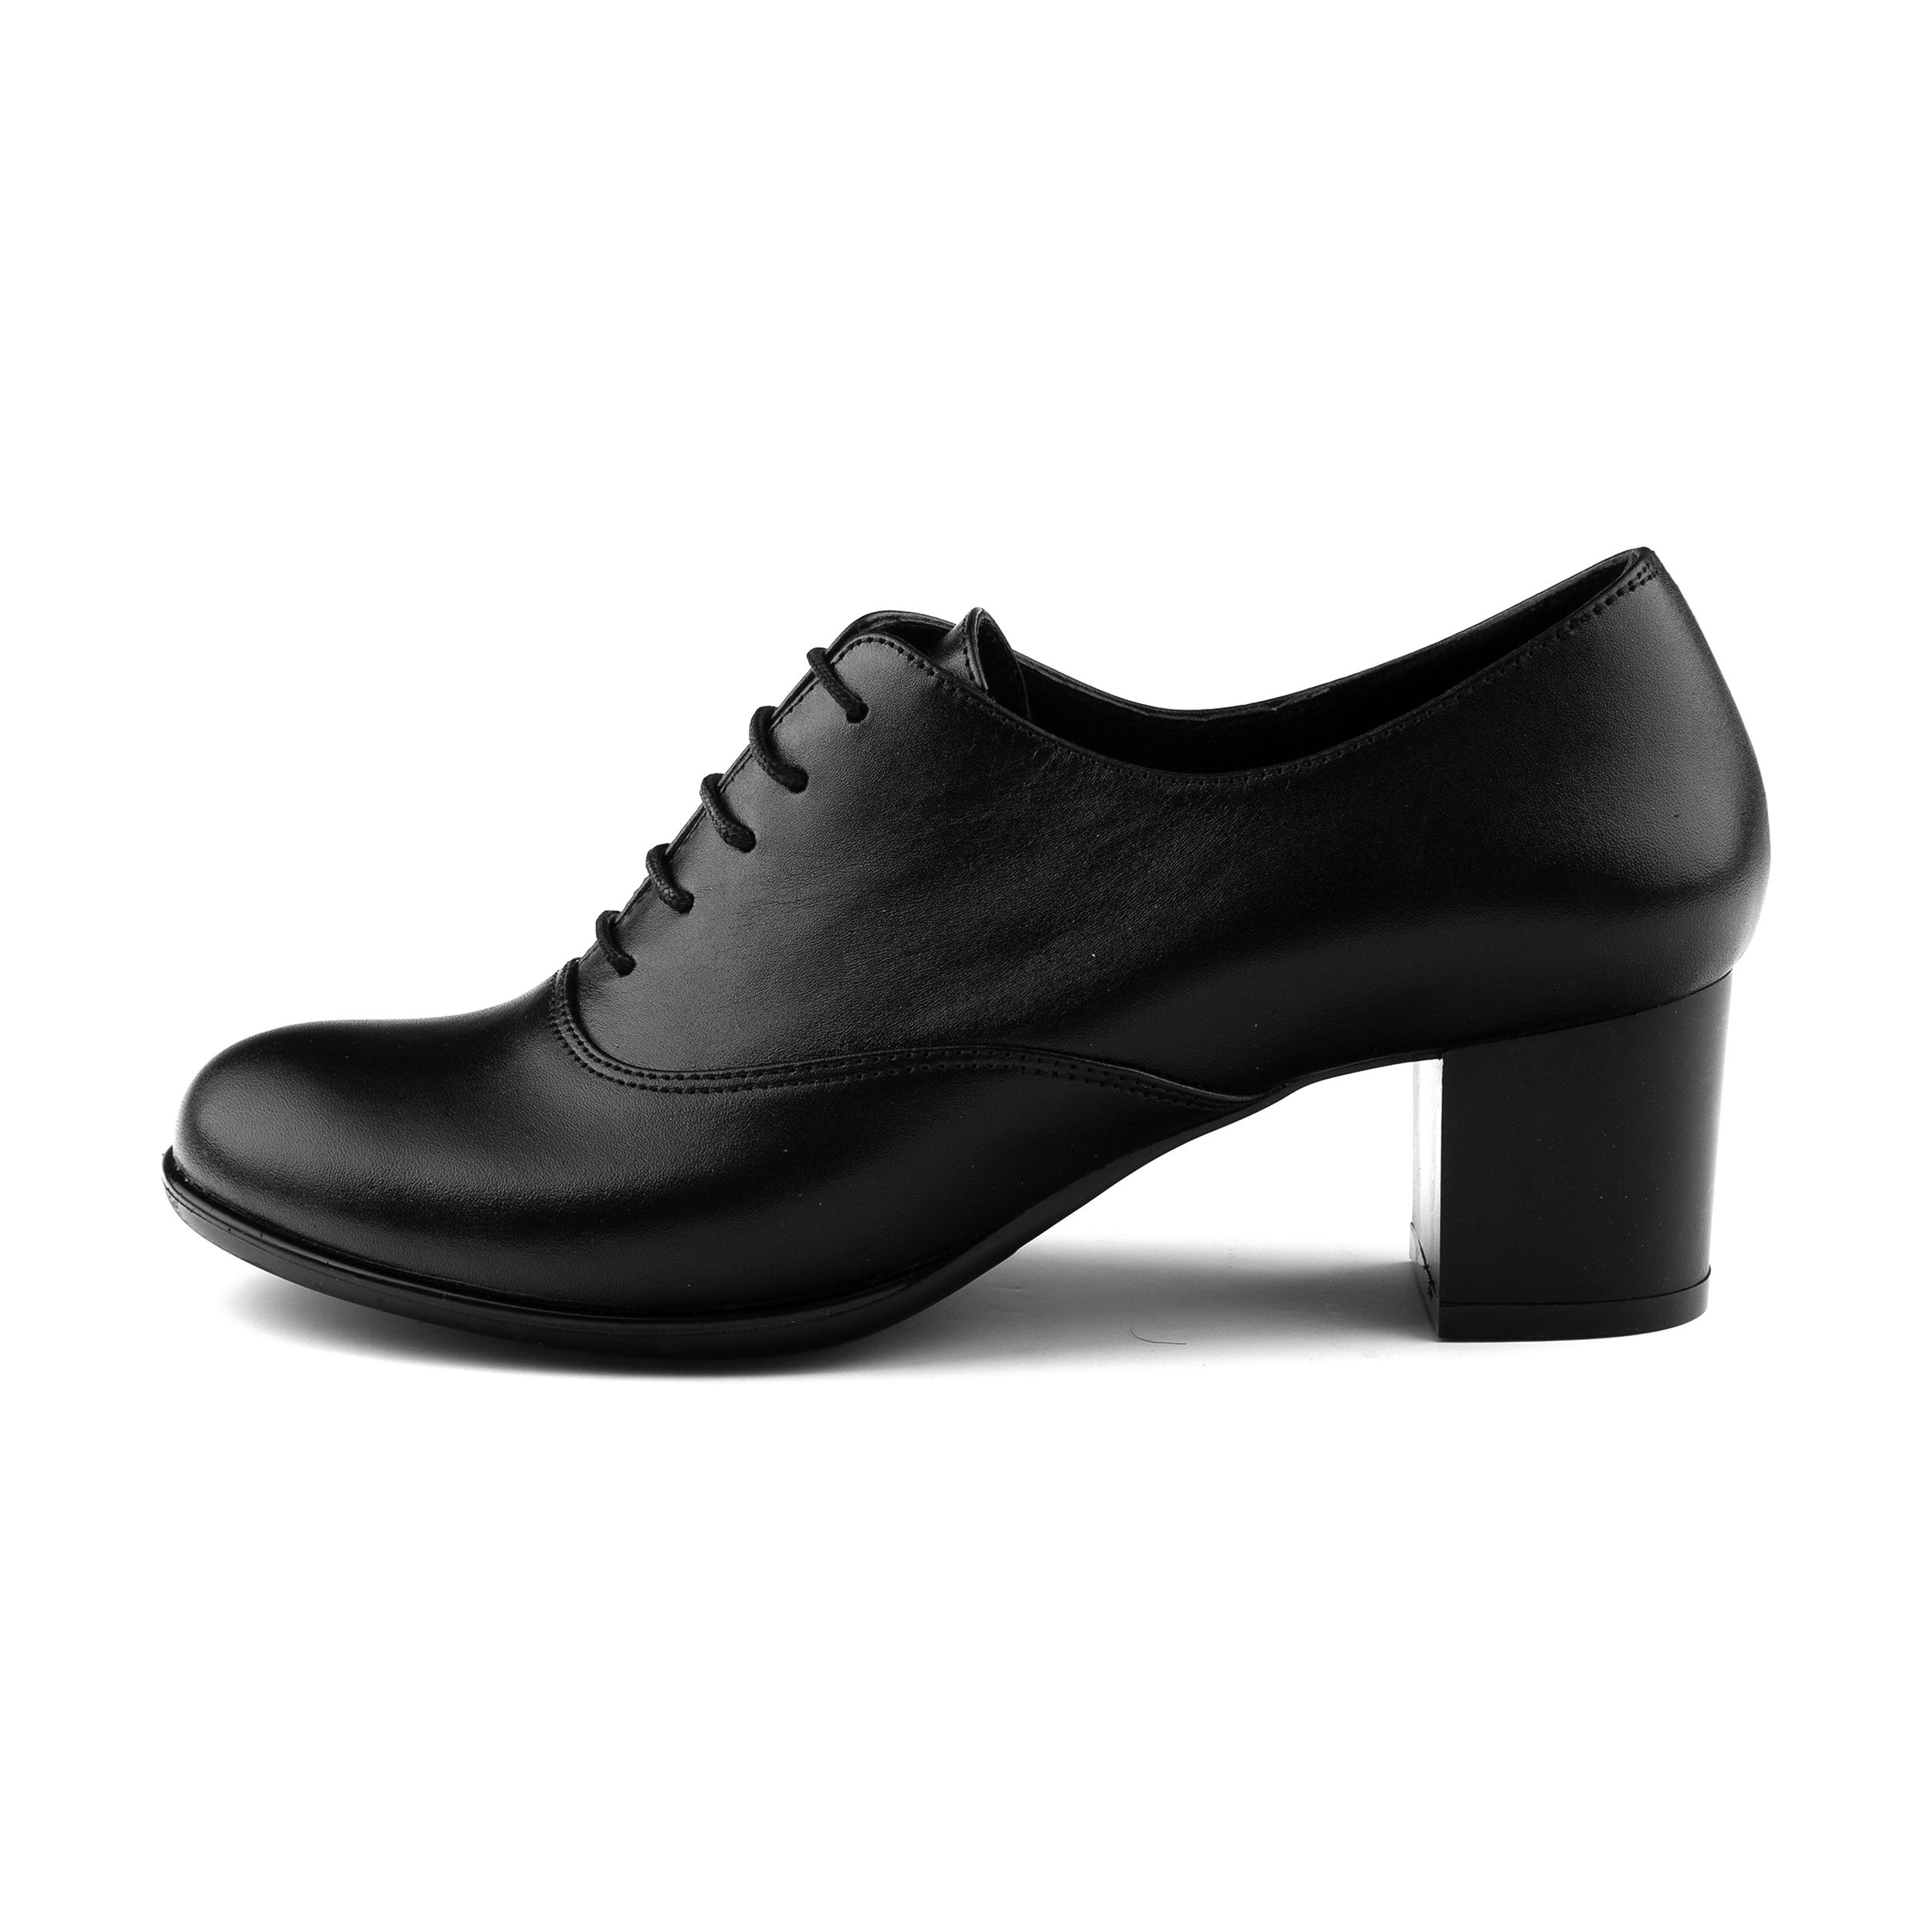 کفش زنانه شیفر مدل 5285A500101